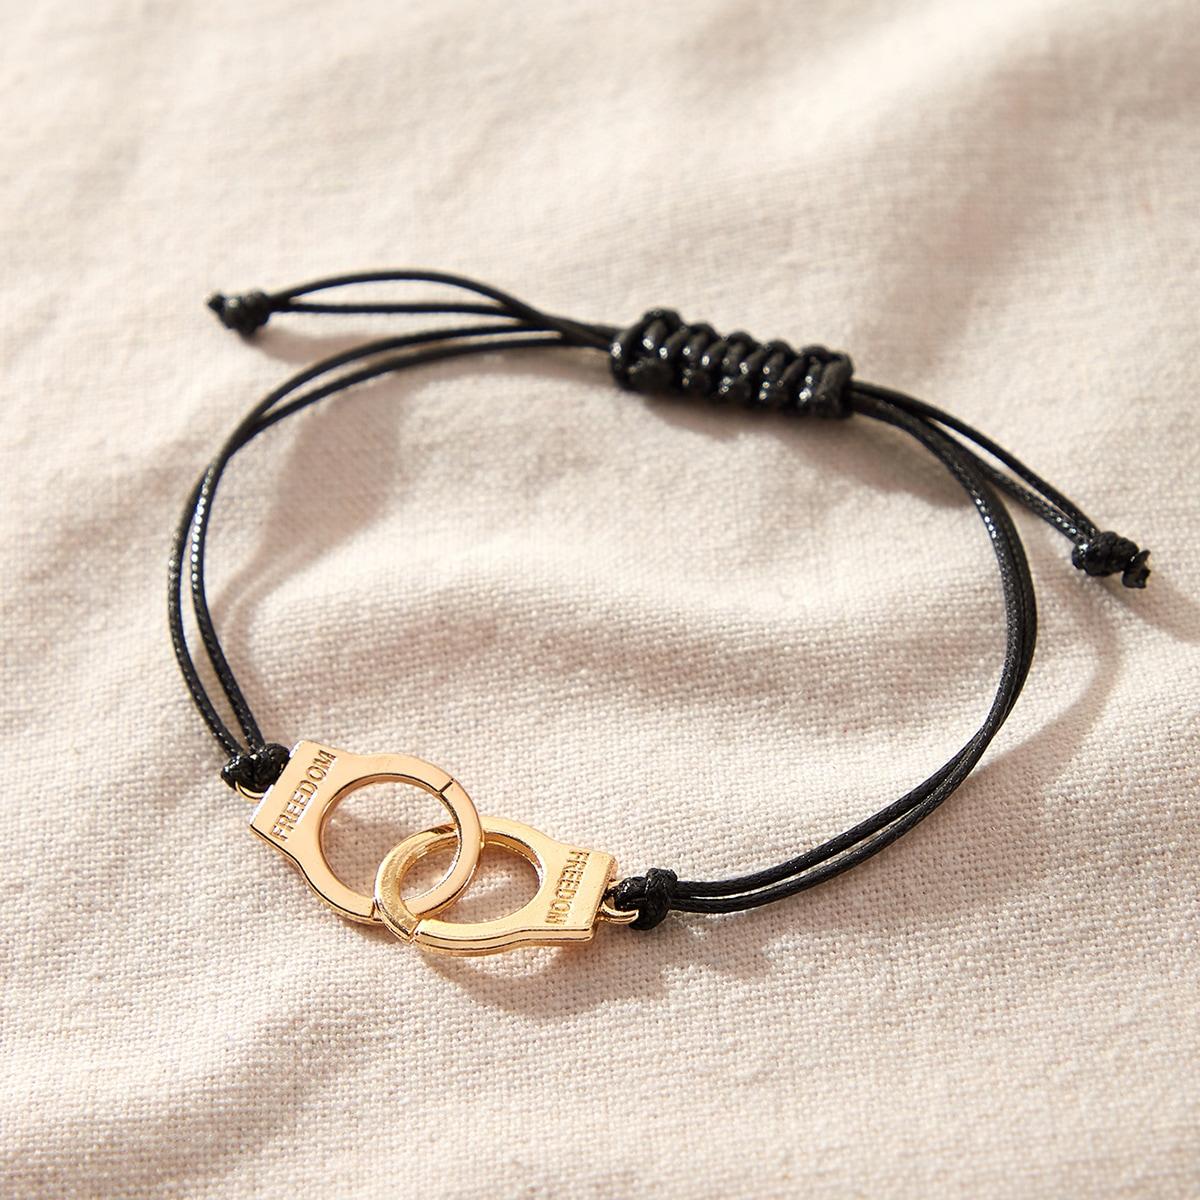 Плетеный браслет в форме наручников